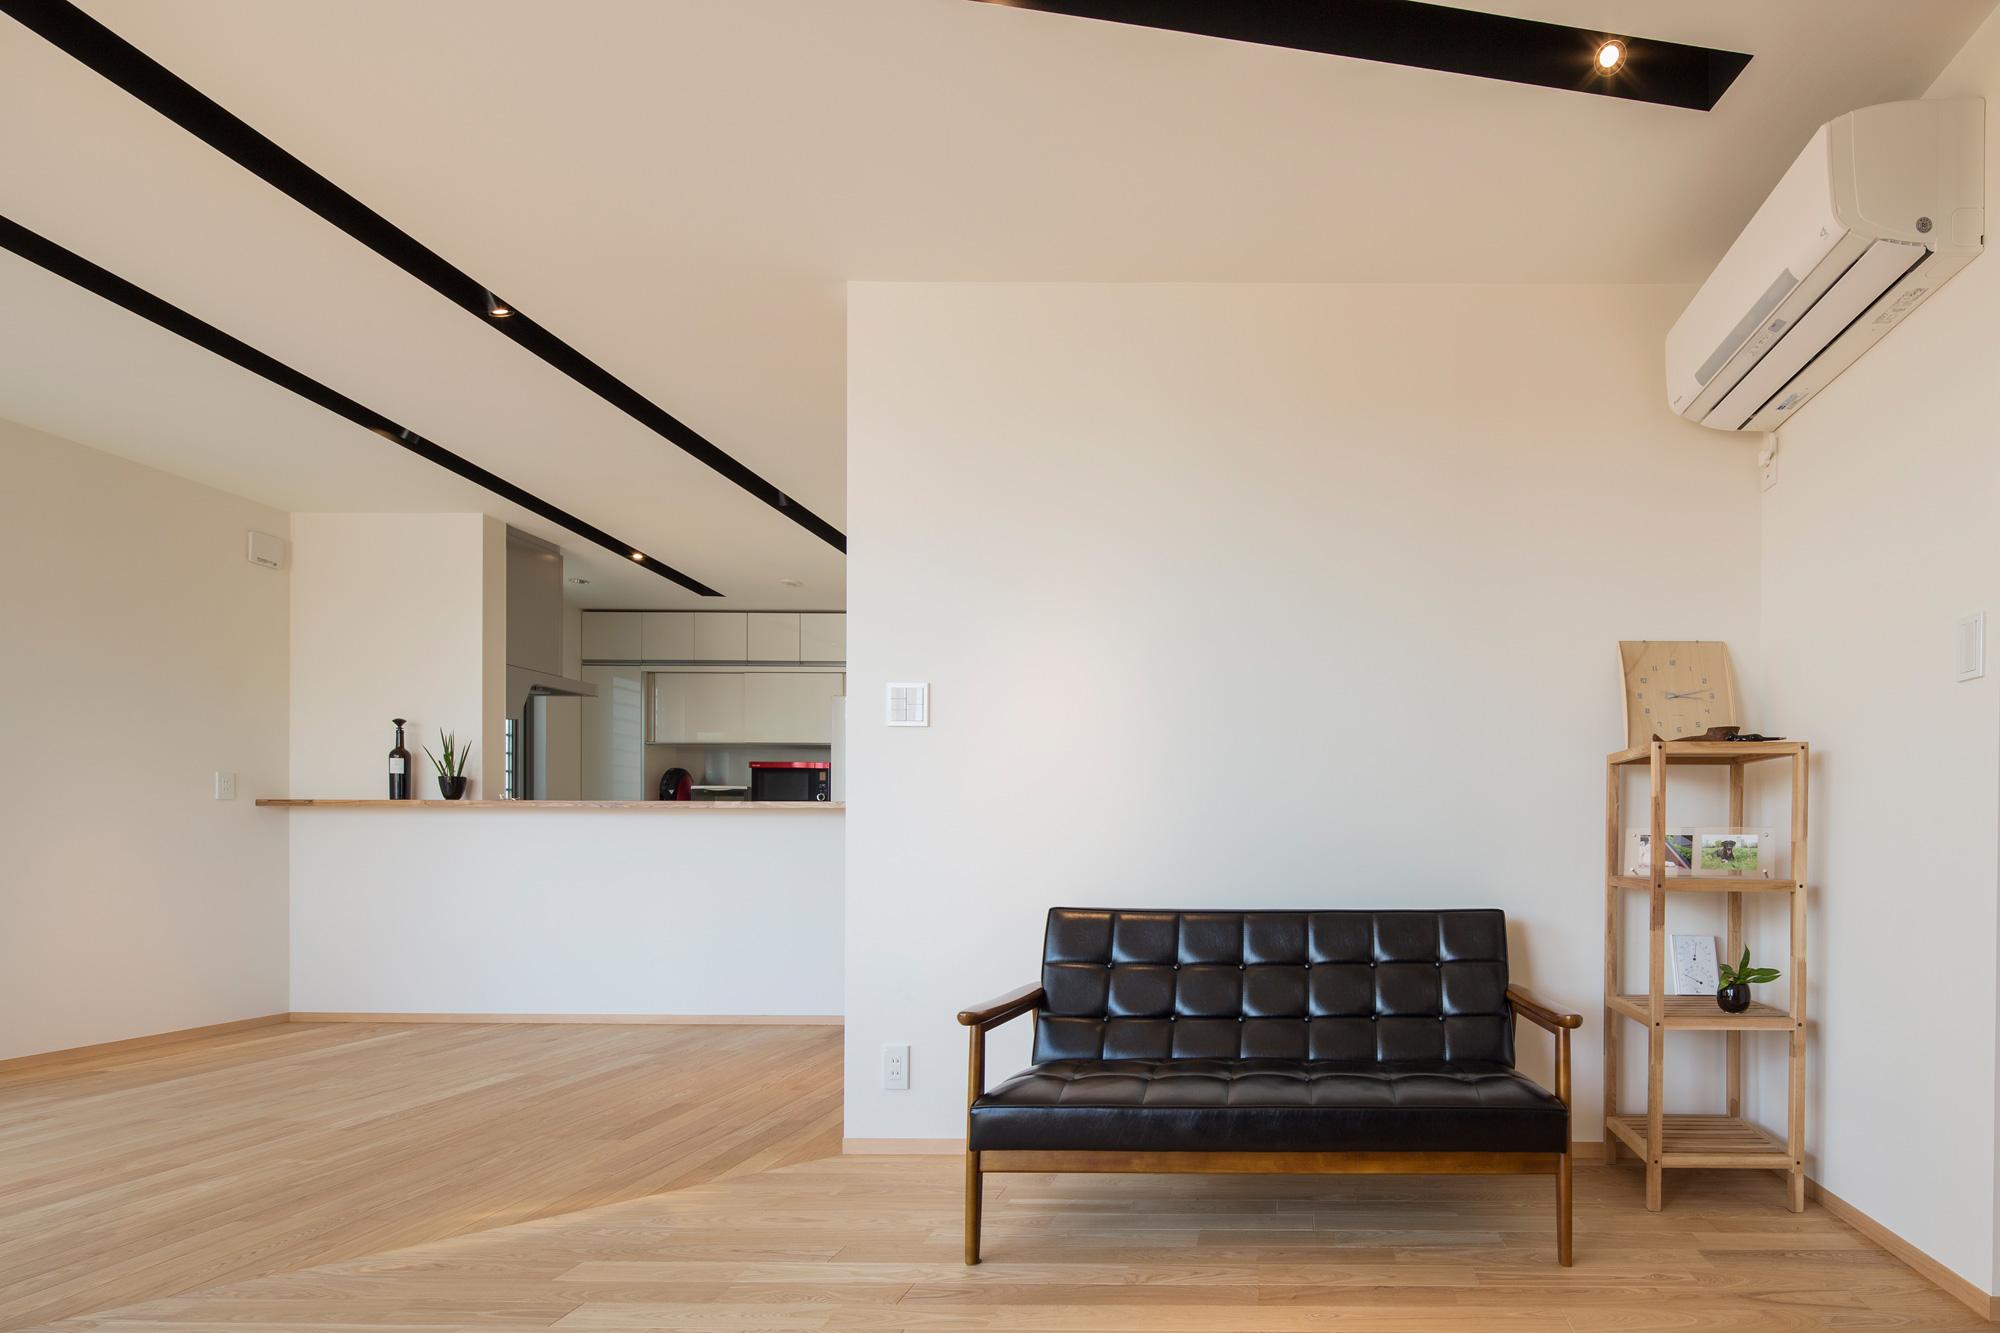 リビングダイニングからキッチンをみる: ご夫婦の趣味のよい家具が調和するインテリアデザインを心がけました